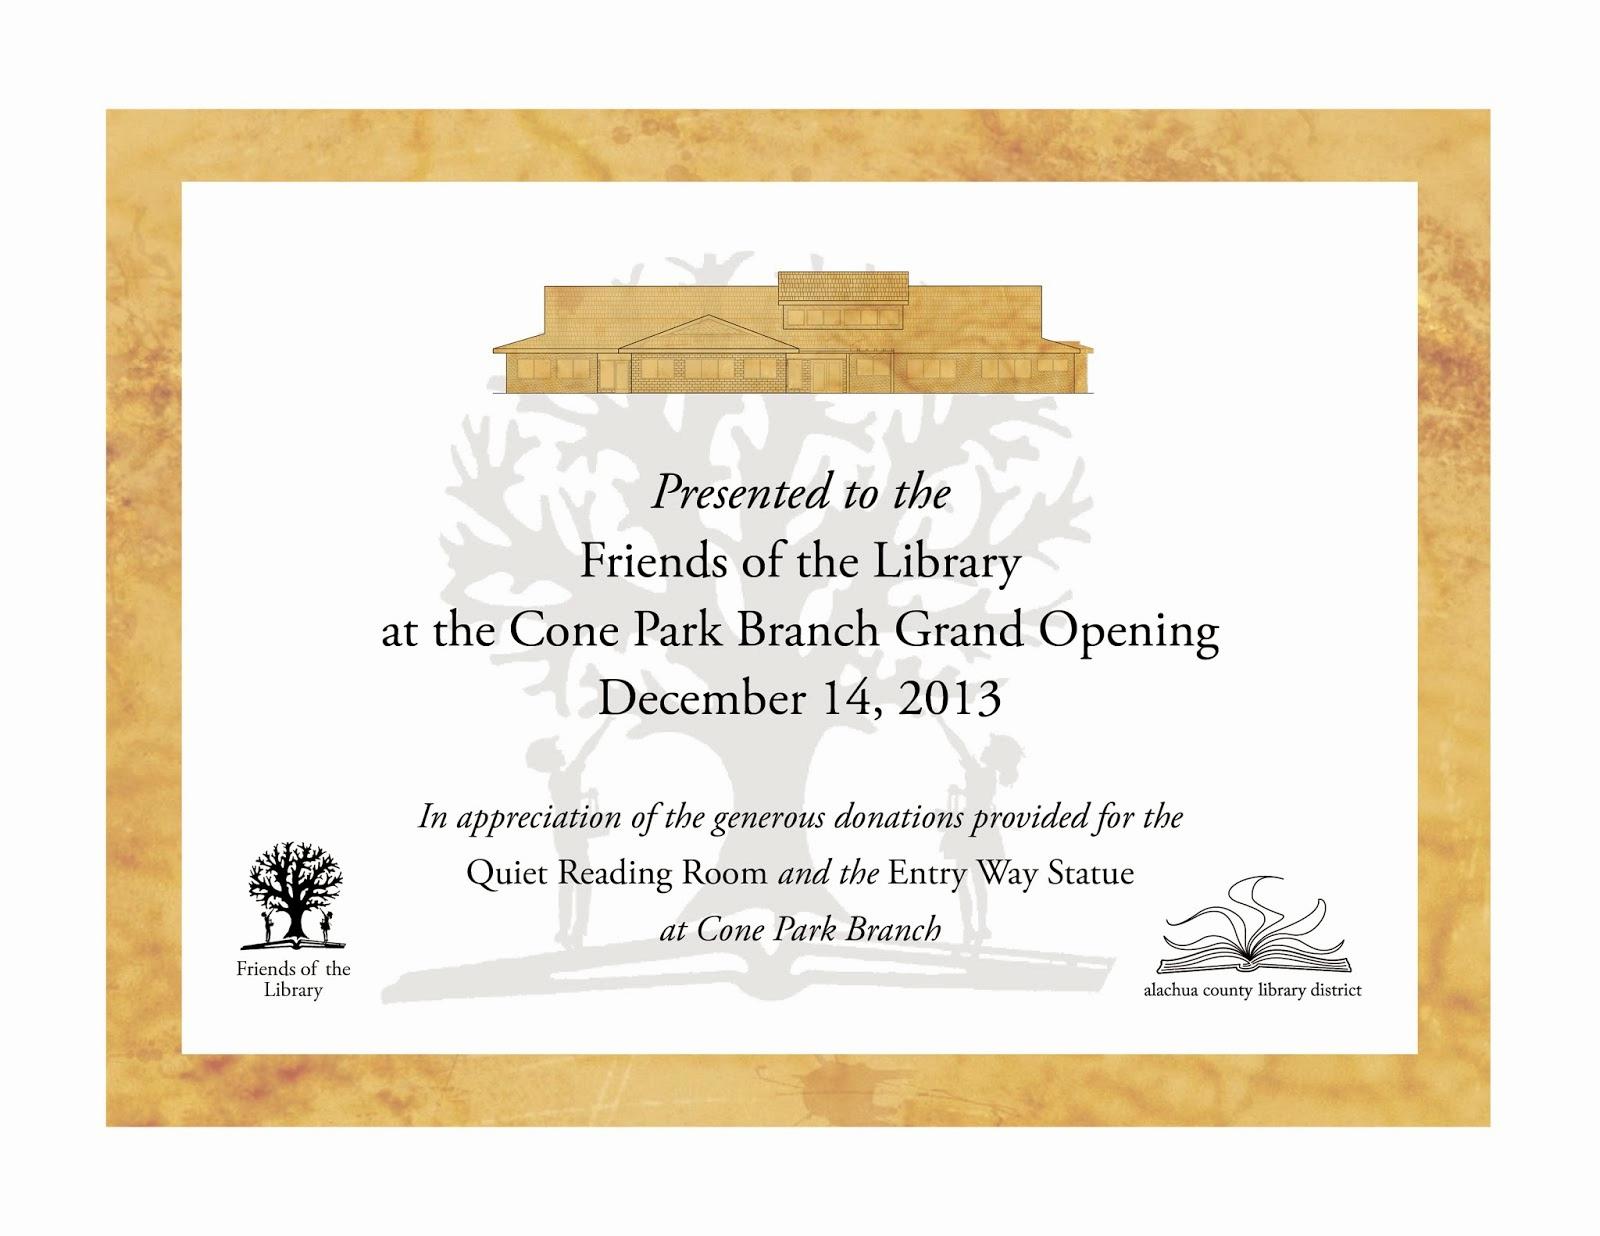 Donor Appreciation event Invitation Beautiful Library Graphic Design